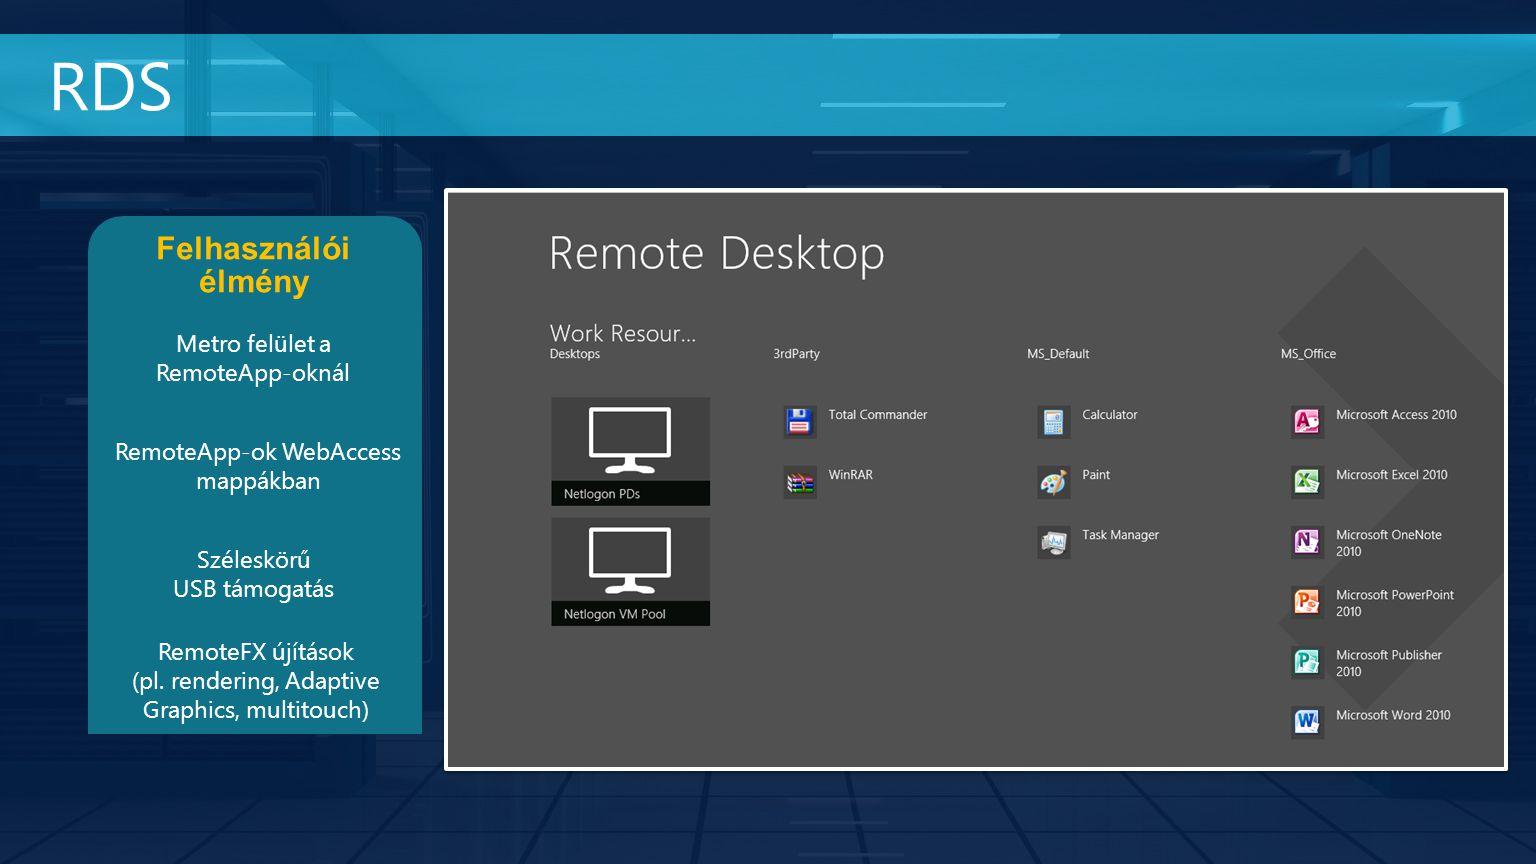 RDS Felhasználói élmény Metro felület a RemoteApp-oknál